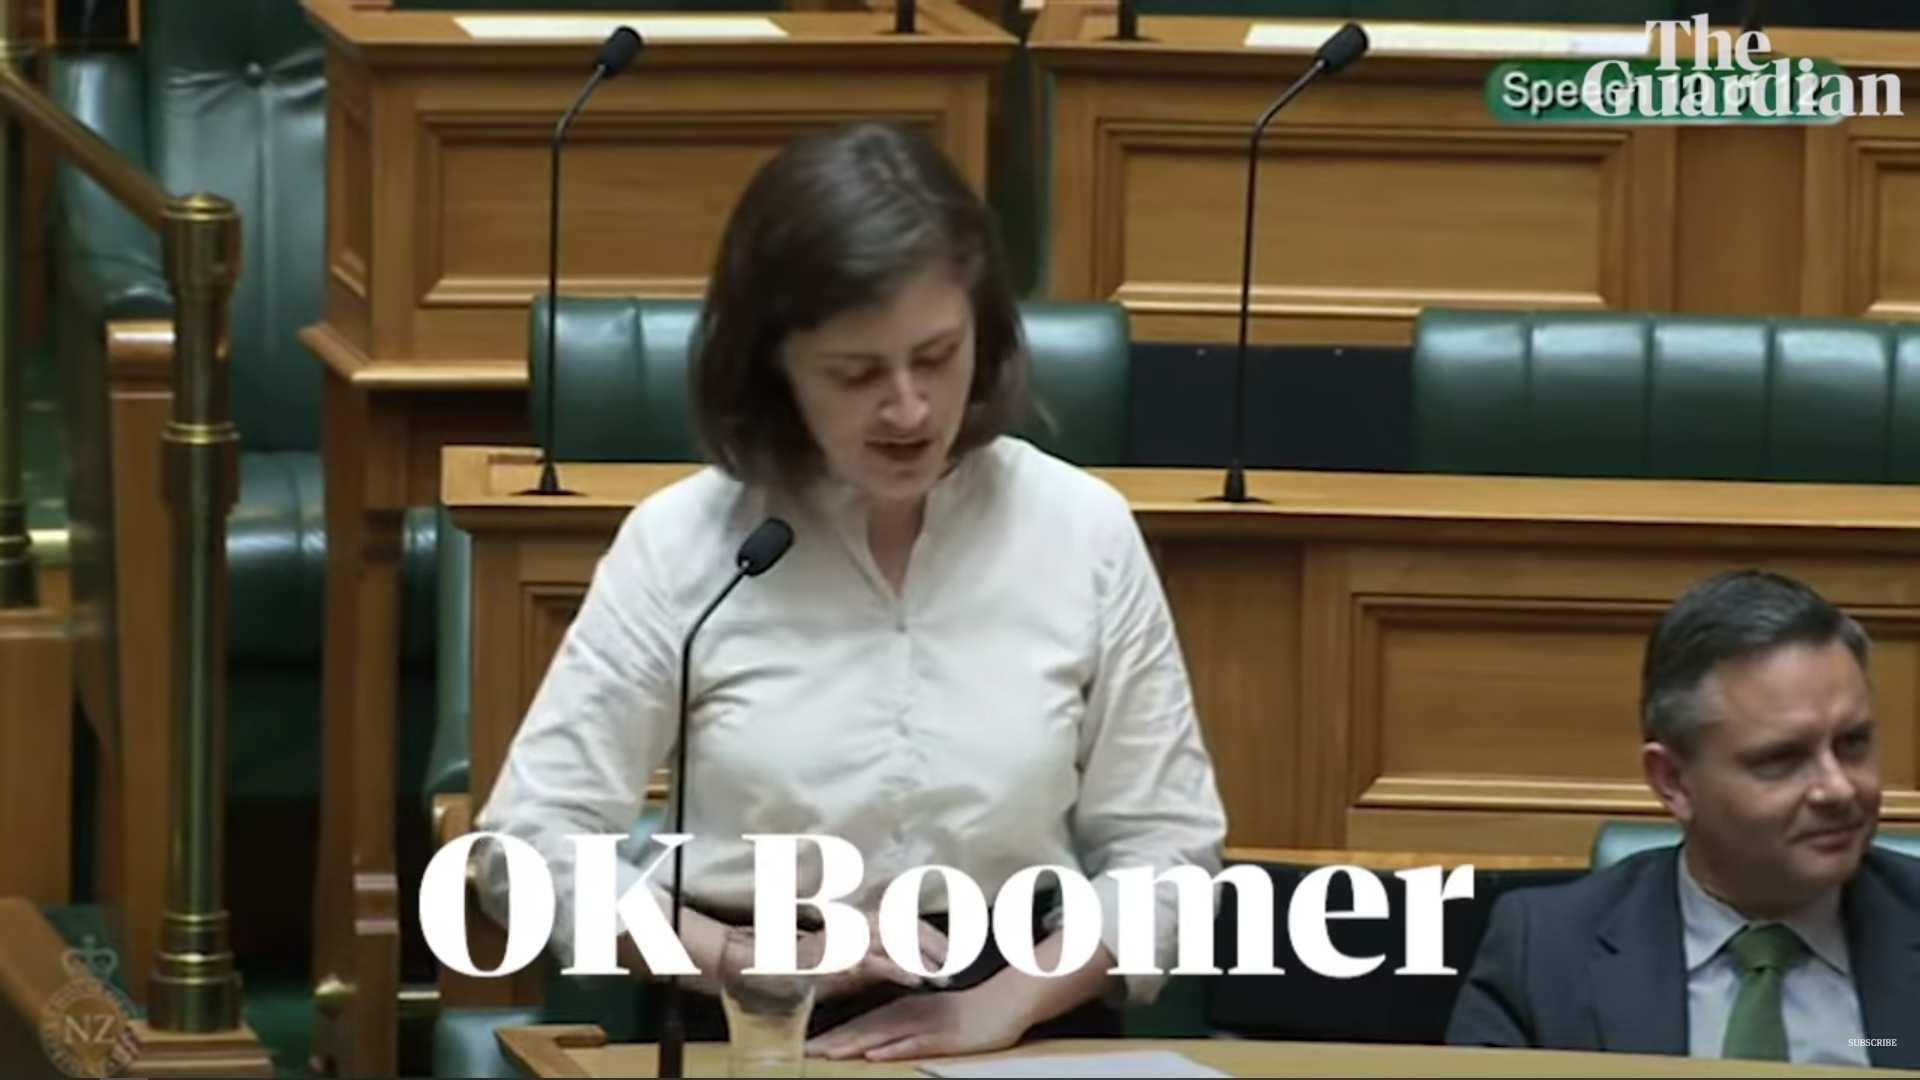 「BoomerRemover」の画像検索結果